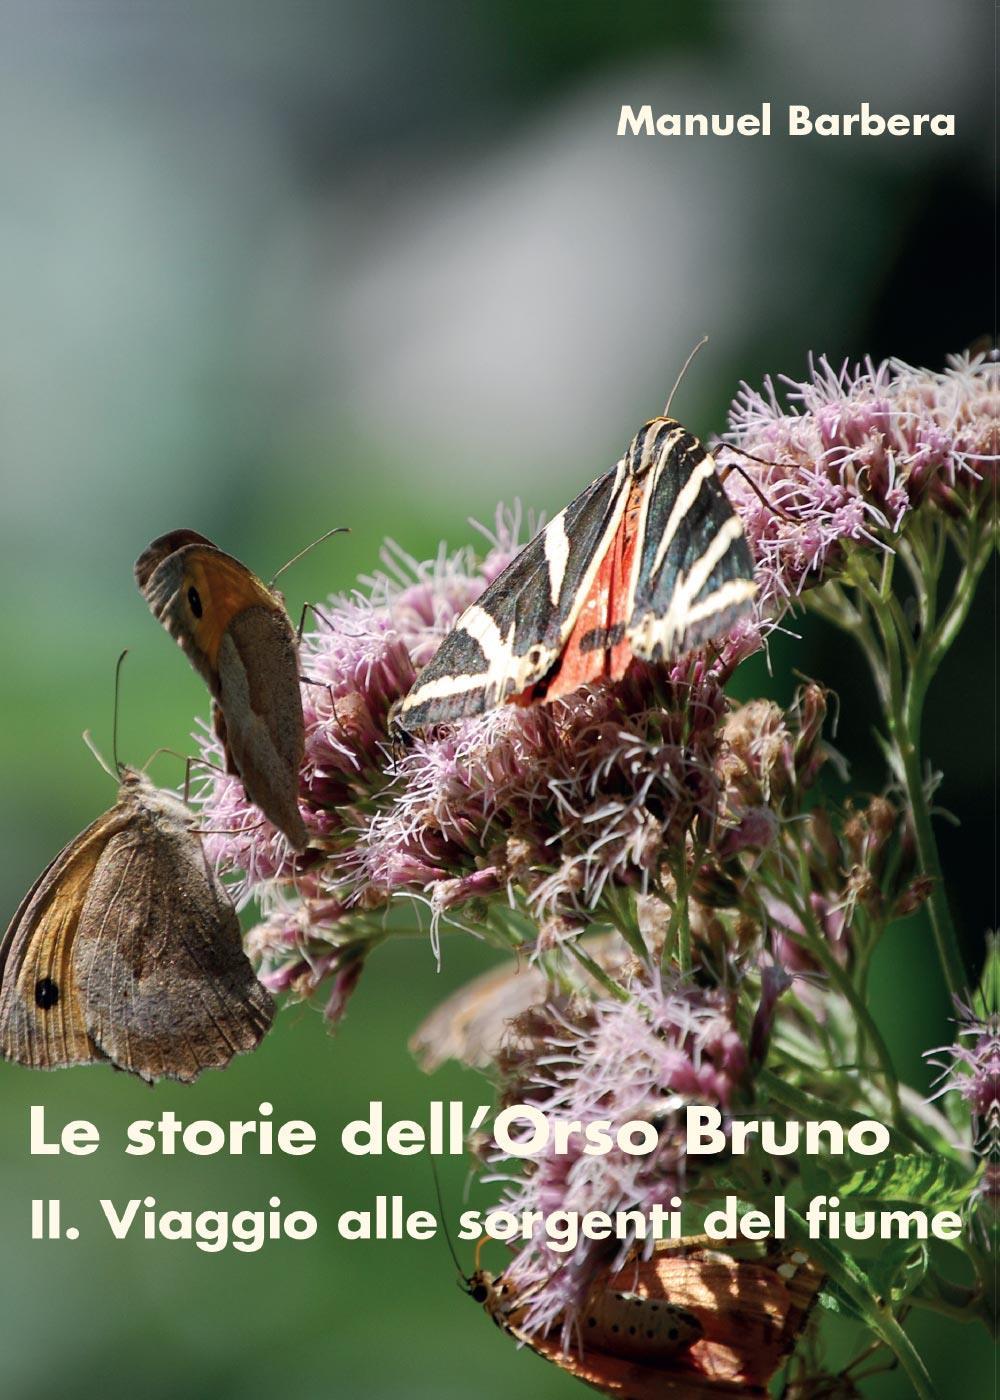 Le storie dell'Orso Bruno. II. Viaggio alle sorgenti del fiume